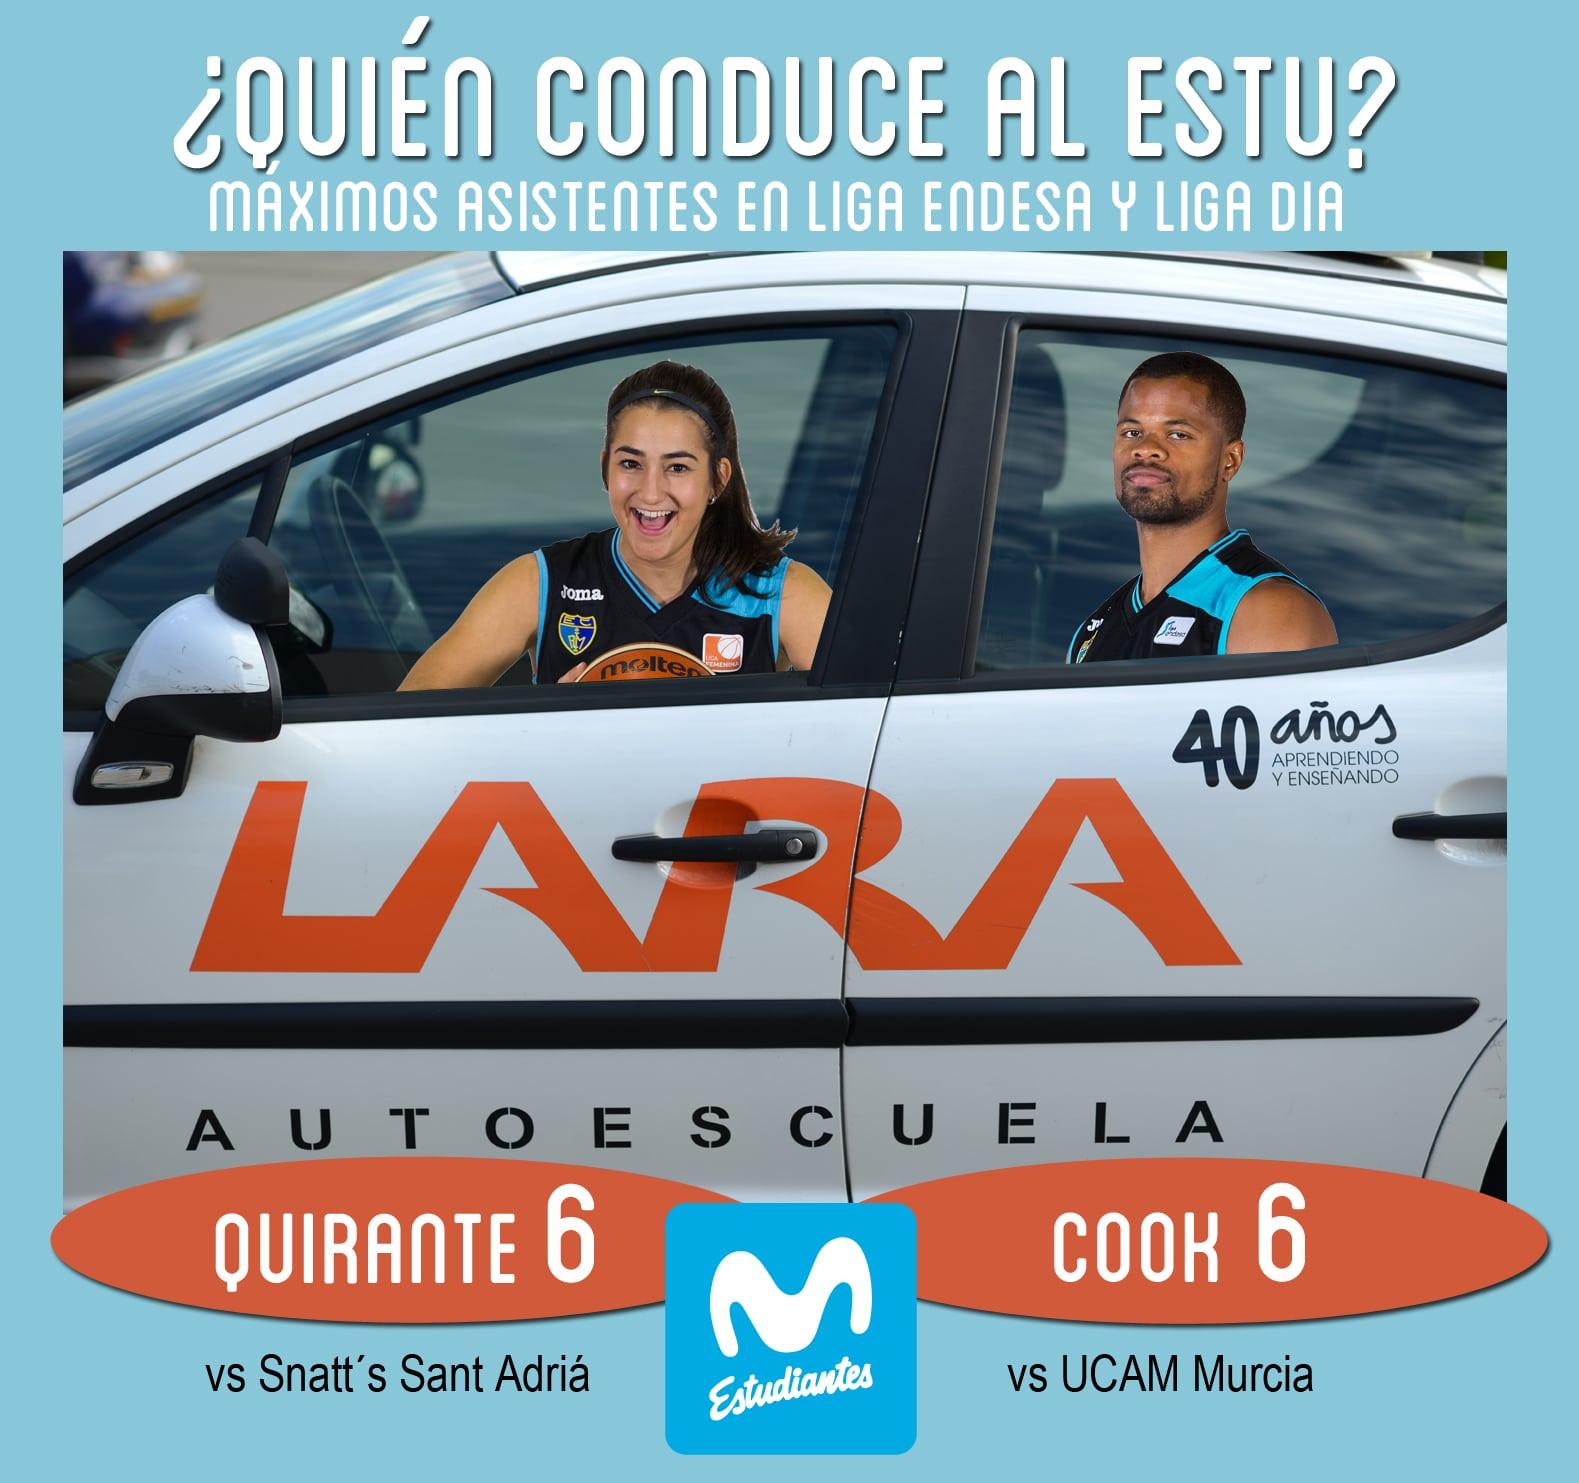 Conductores Autoescuela Lara: Cook y Quirante, los máximos asistentes